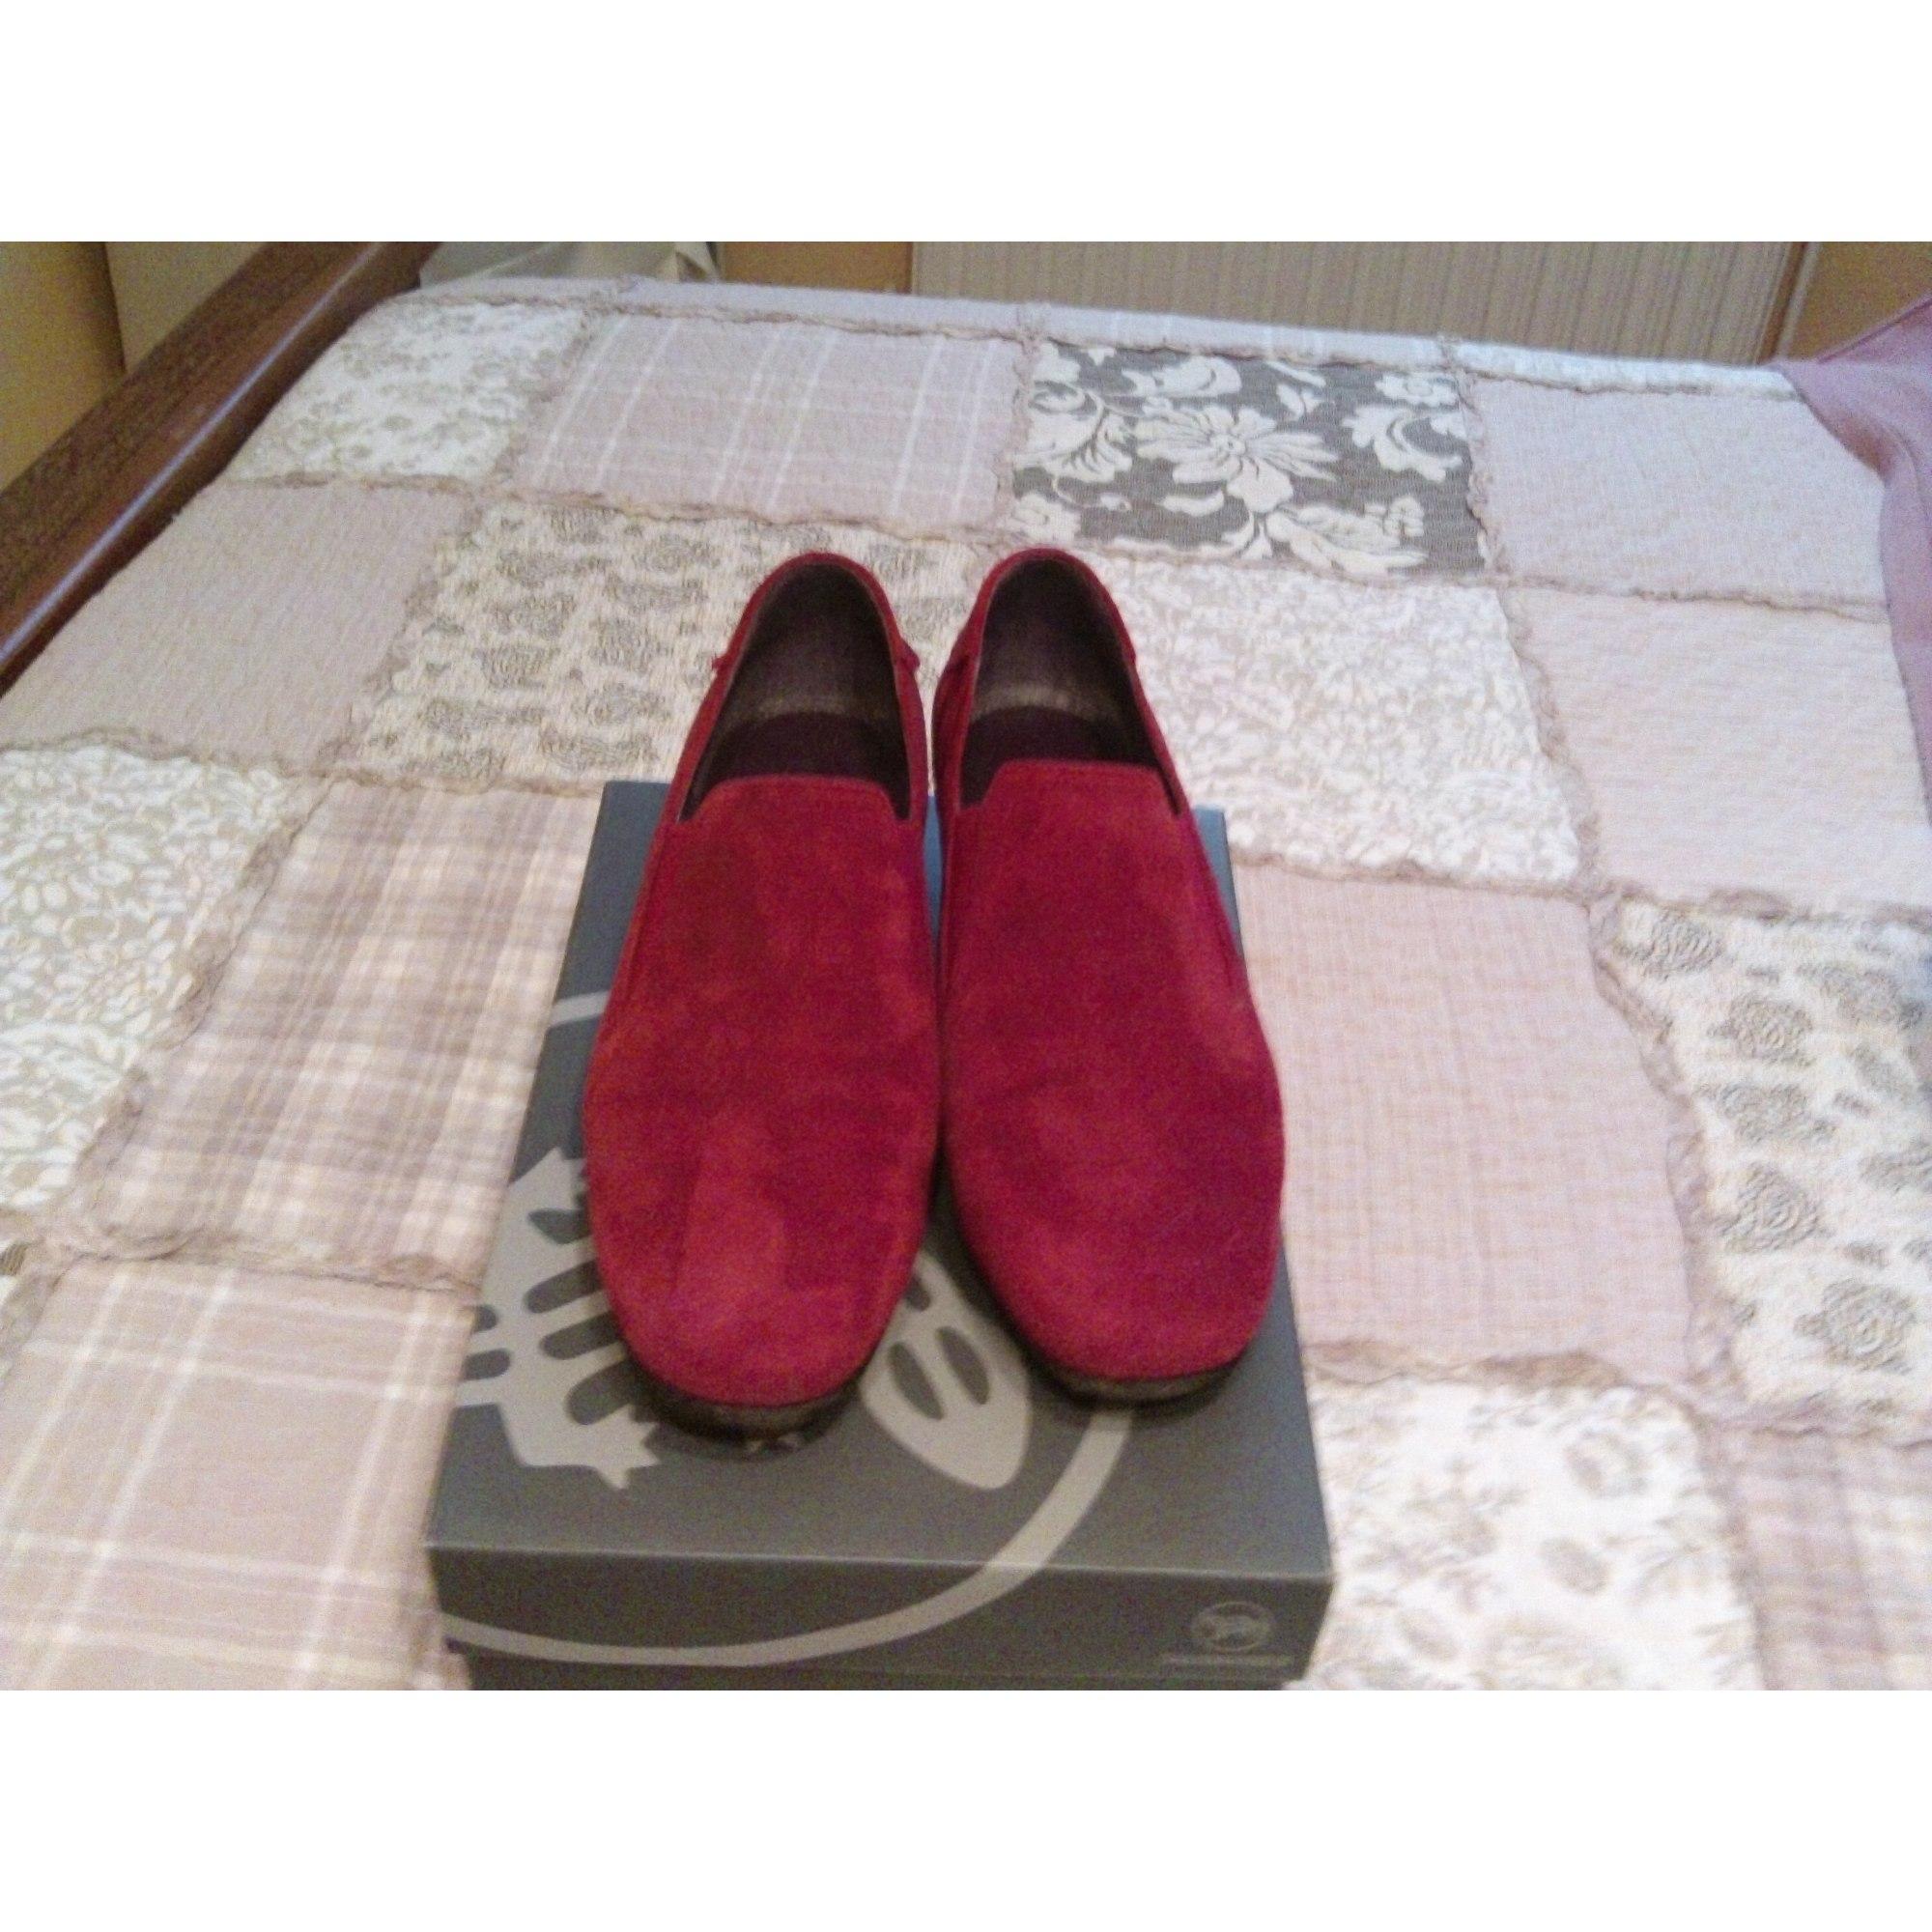 Bottines & low boots plates SALAMANDER Rouge, bordeaux